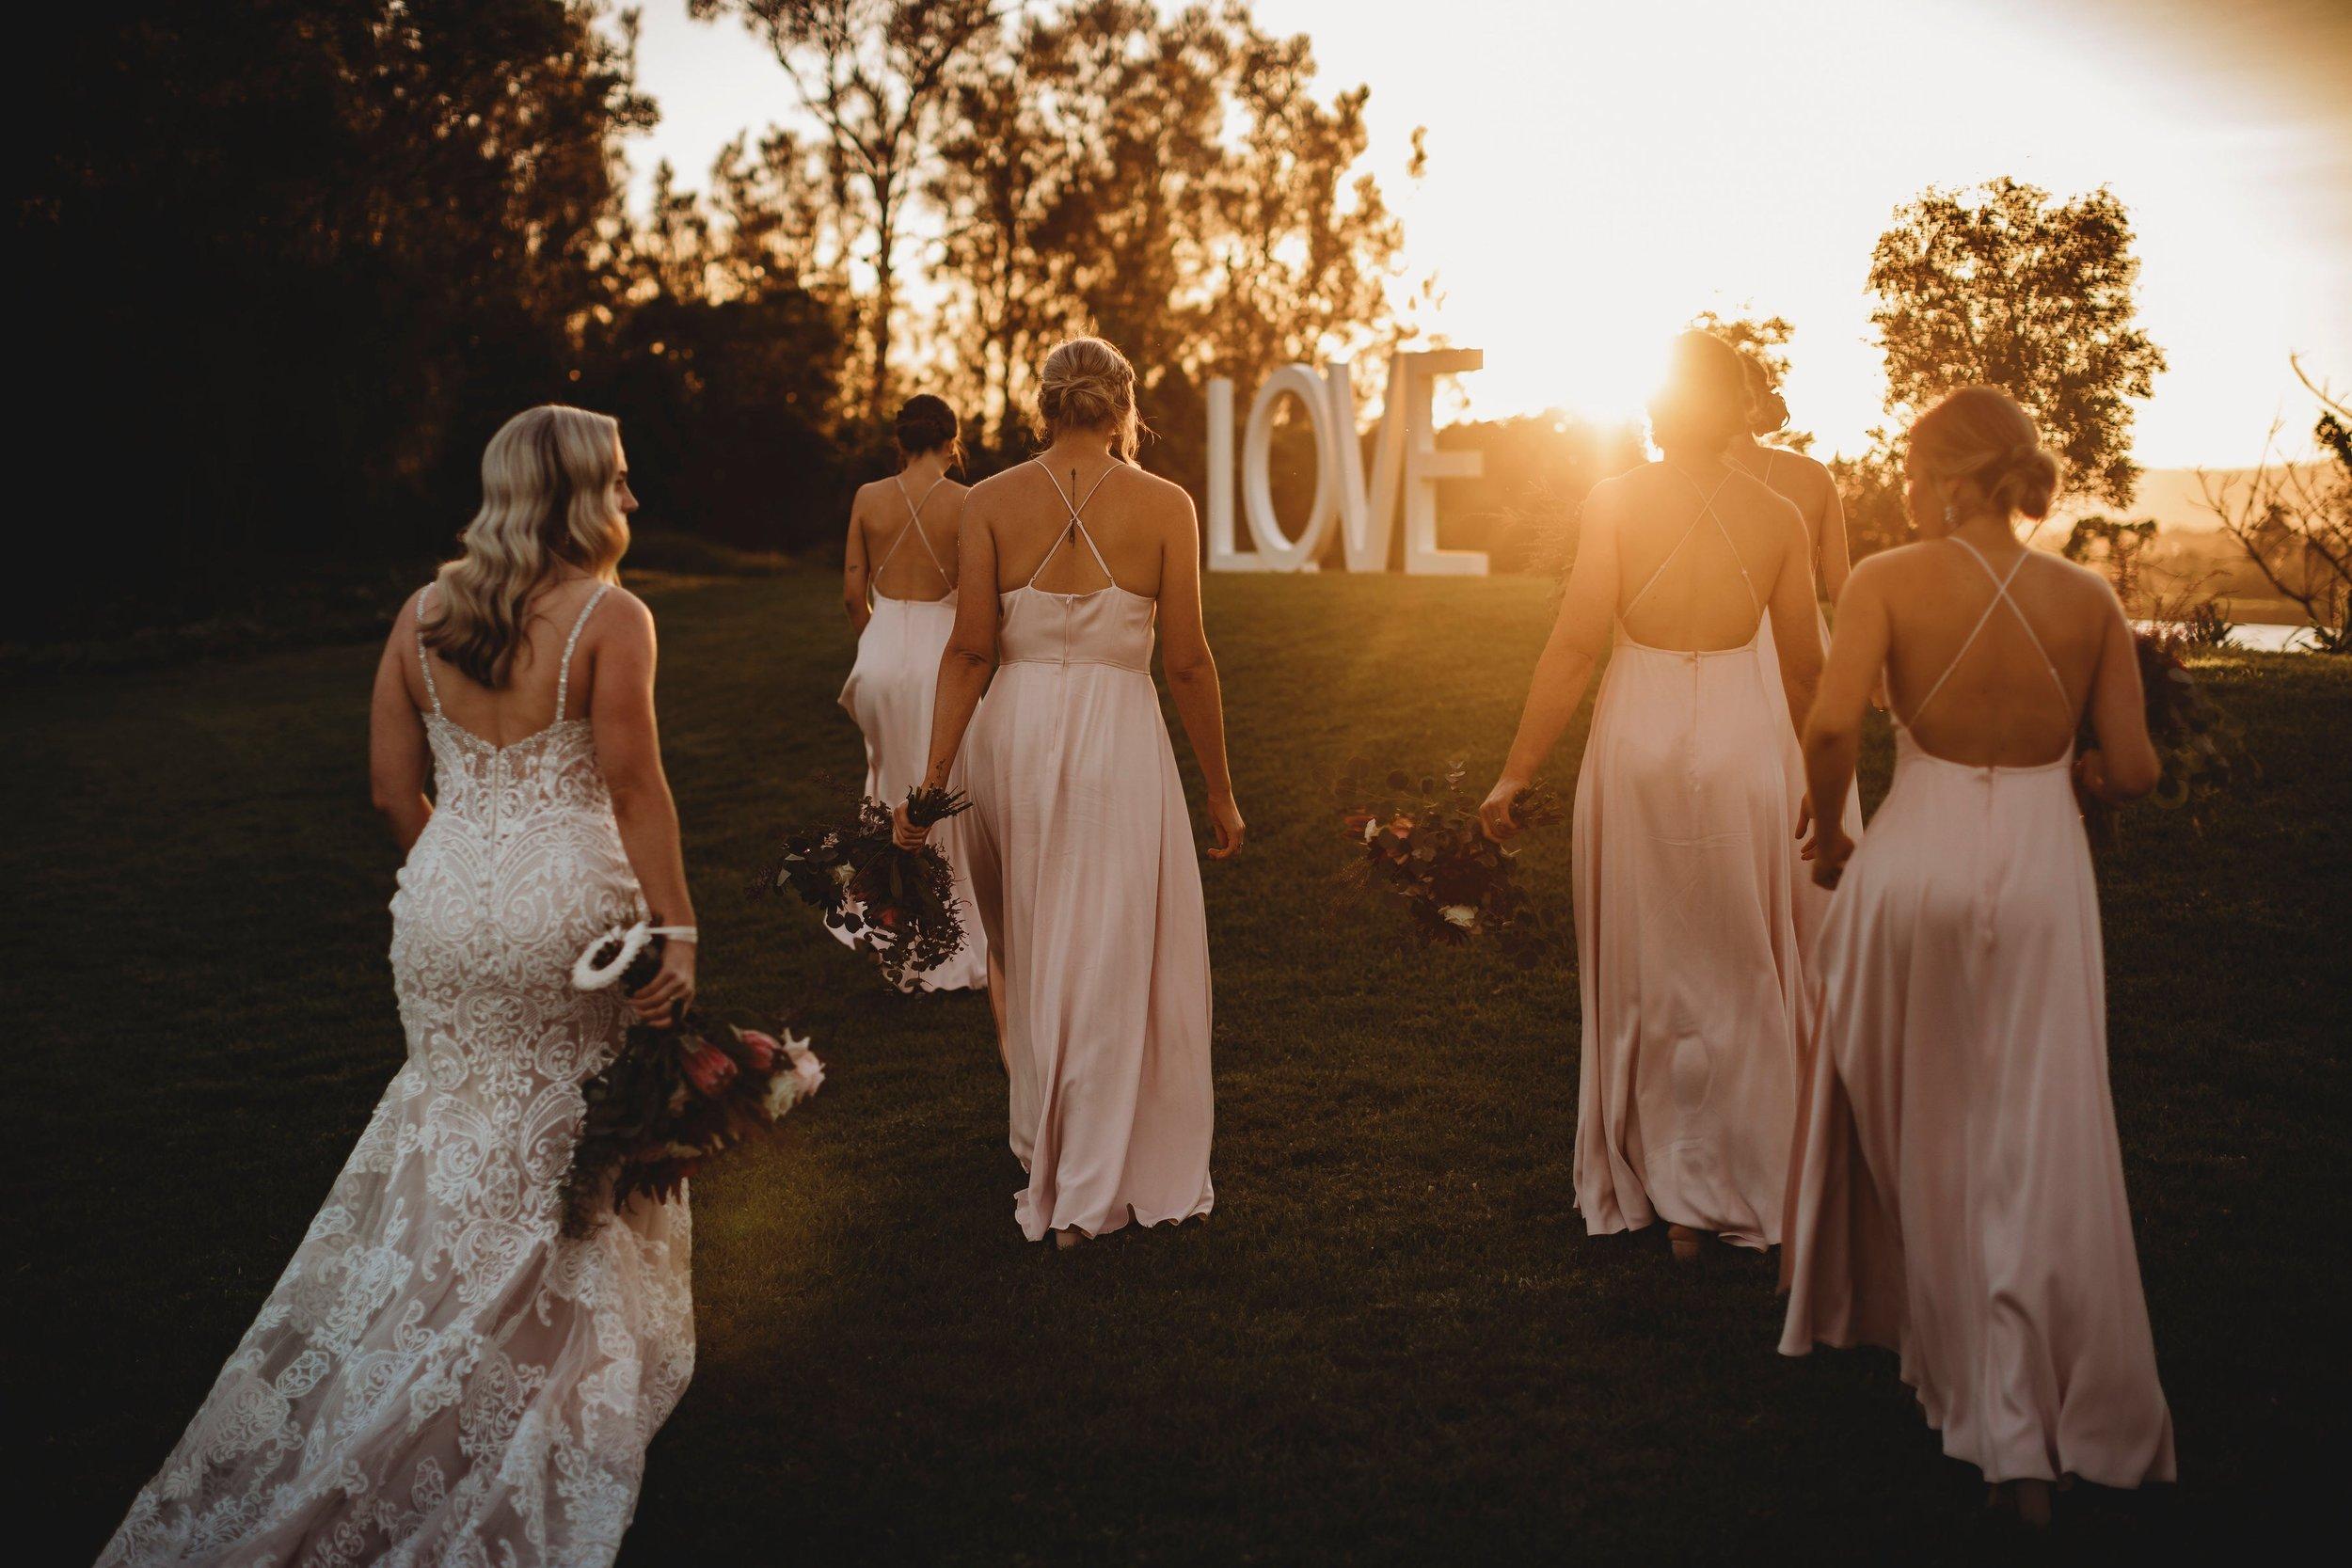 Stylish blush bridal party sunset photography